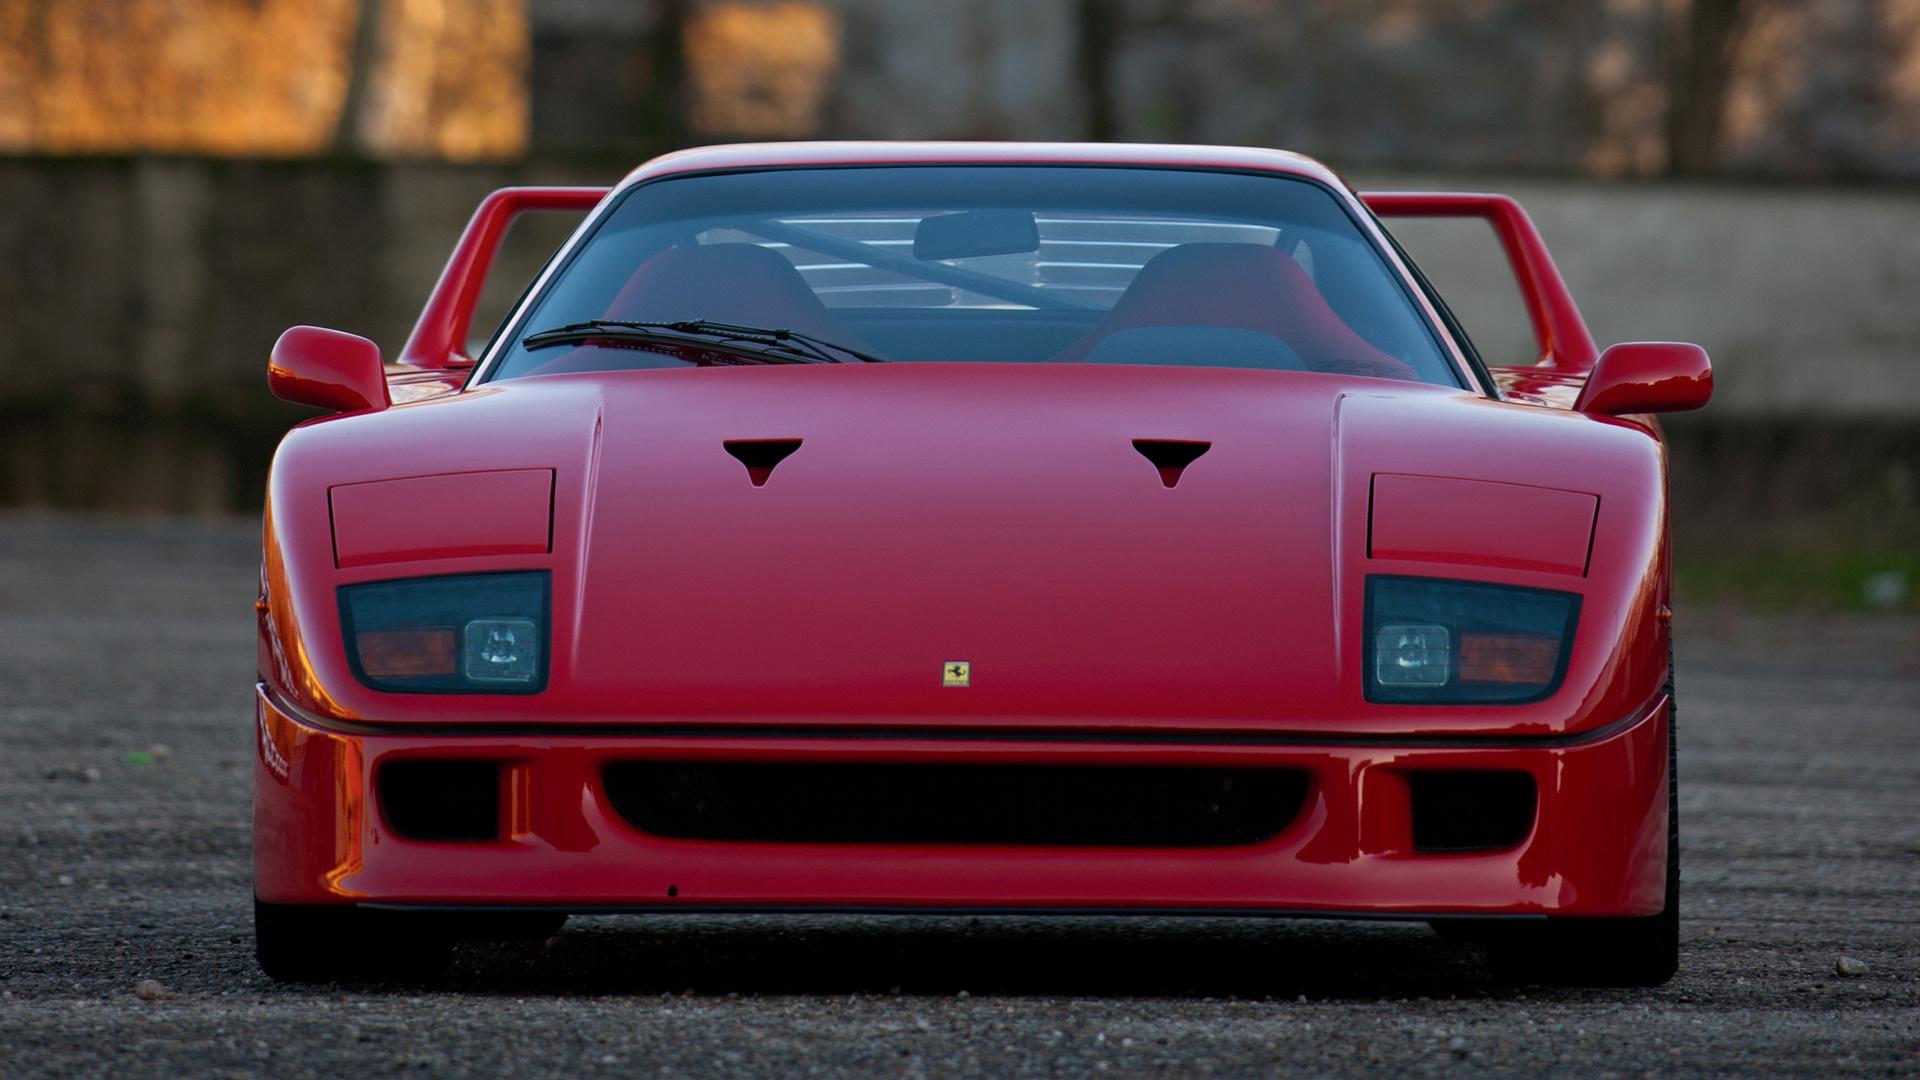 1987 Ferrari F40 Wallpapers And Hd Images Car Pixel